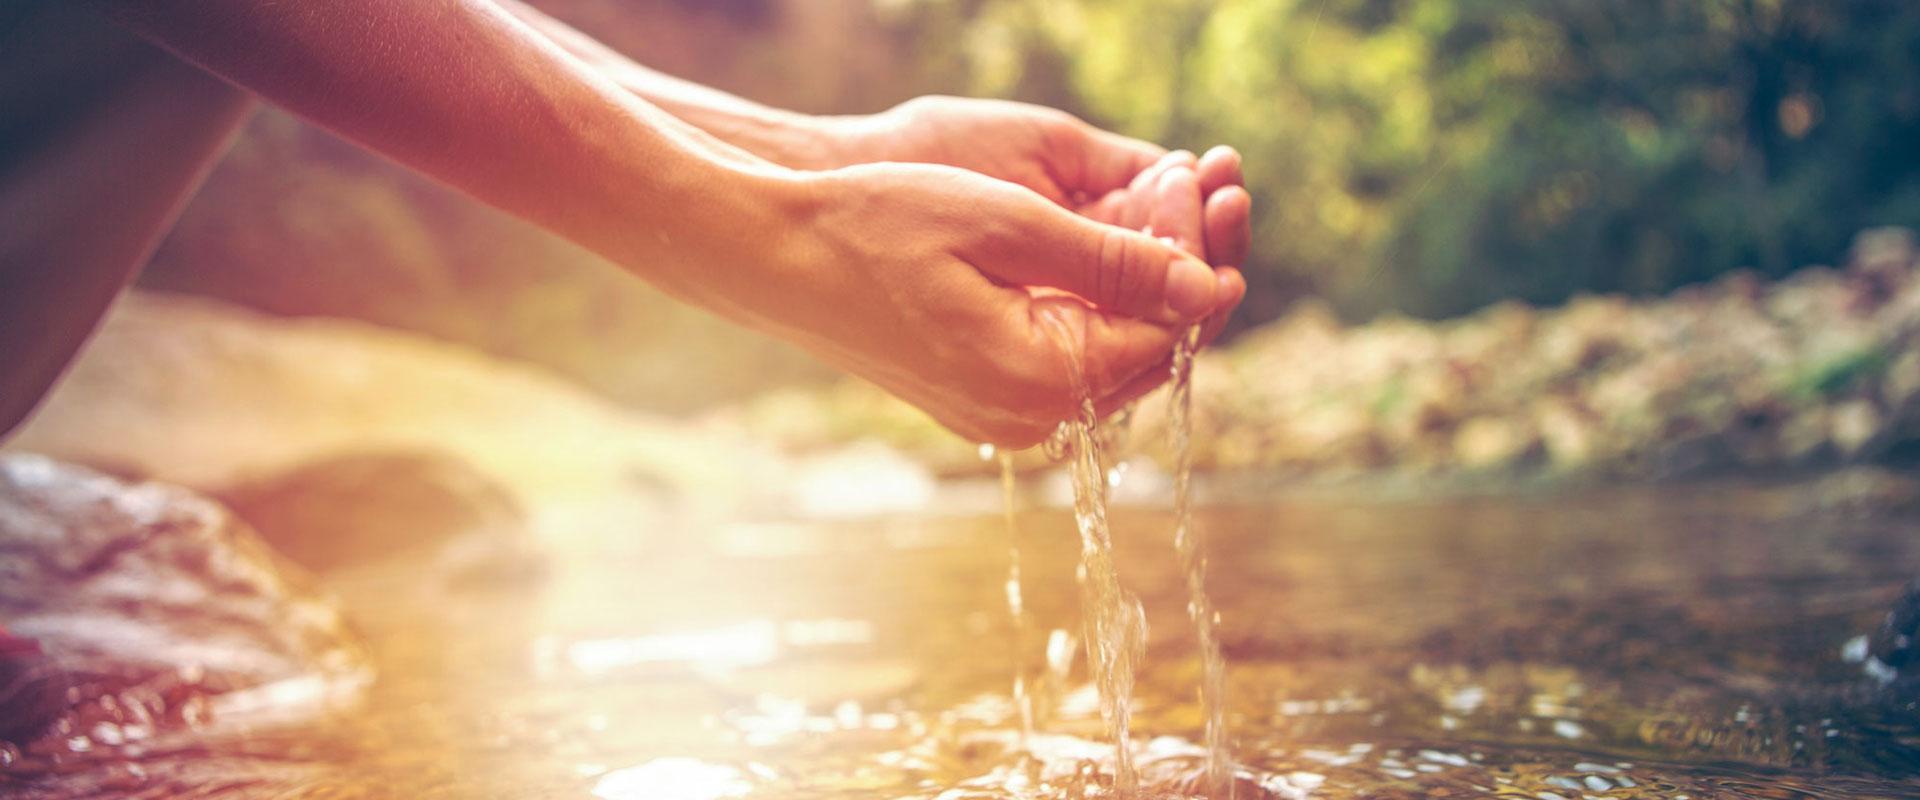 Santé = Hygiène Écologique.